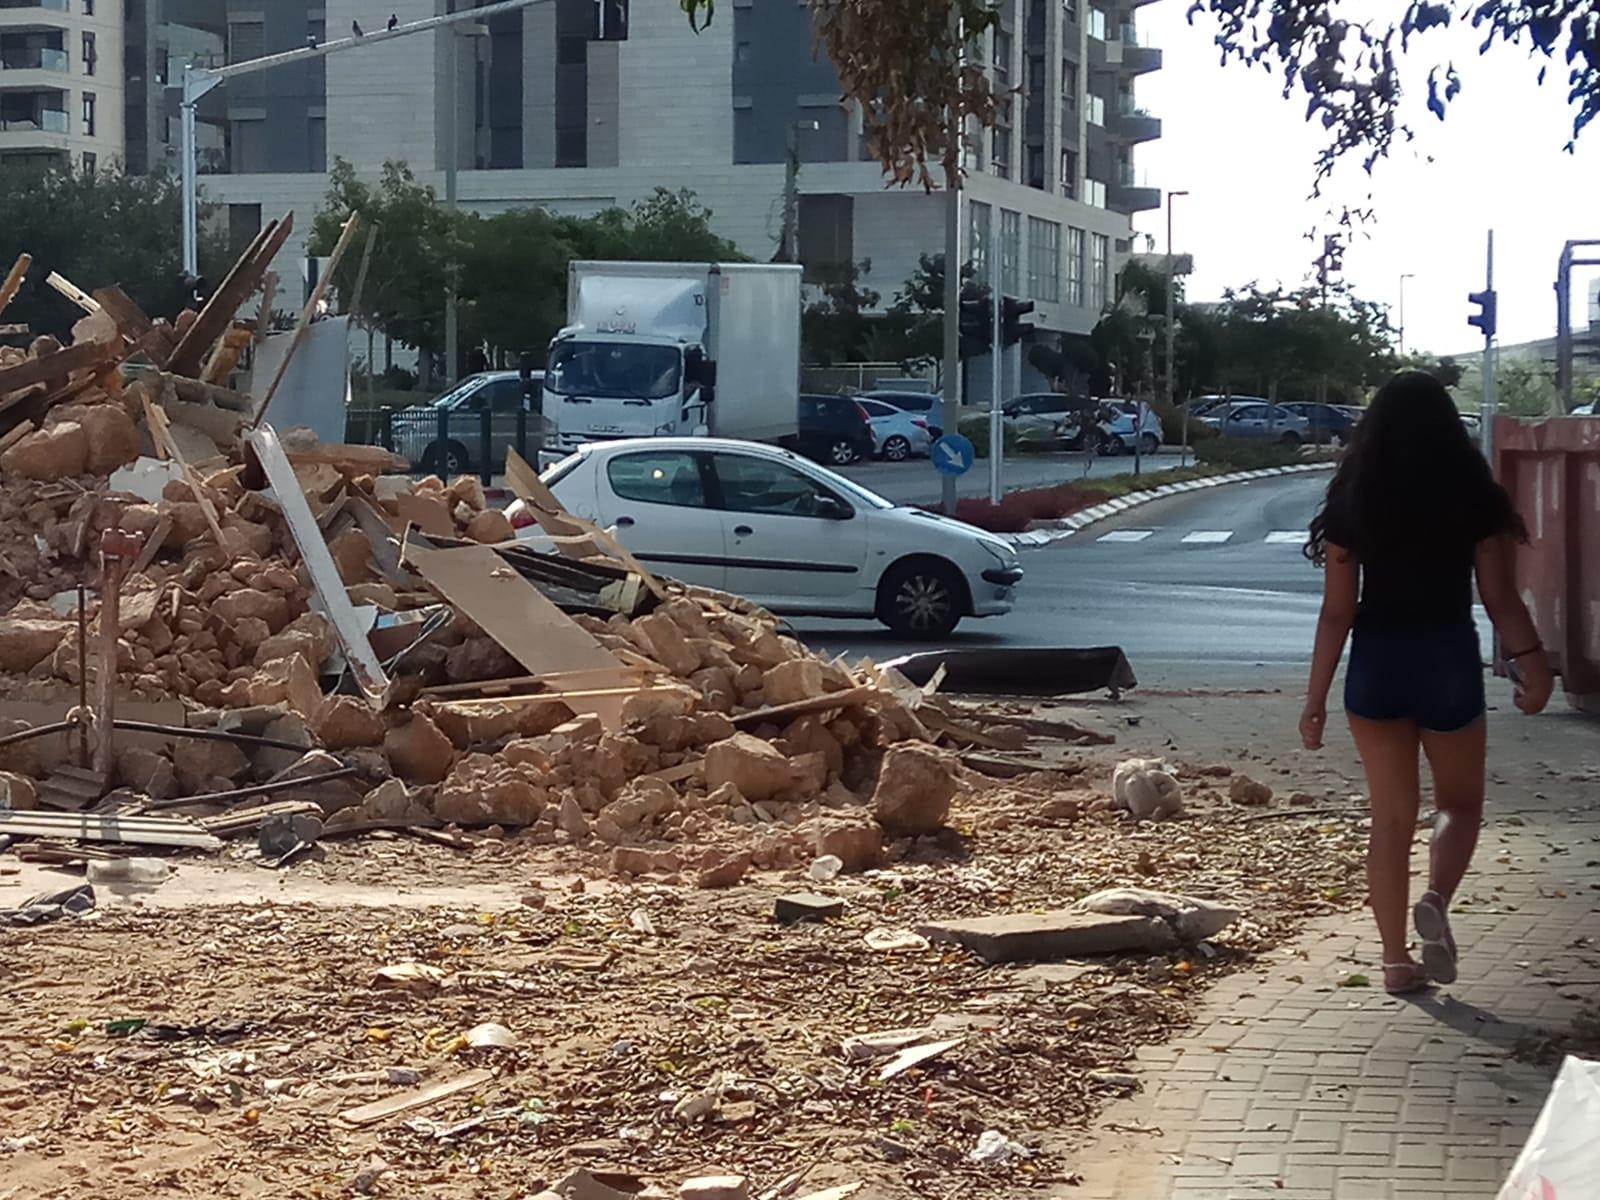 """Photo of לאחר מאבק משפטי שהוביל ראש העיר ברוורמן נהרס מבנה שהיווה בעיה תעבורתית ברחוב """"אחים ישראלית"""" בפ""""ת"""